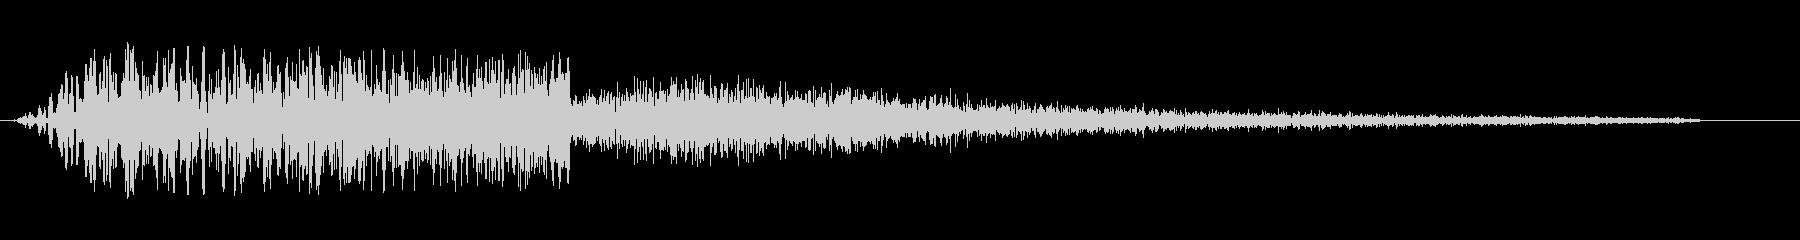 ビュシュイーン(通過音)の未再生の波形